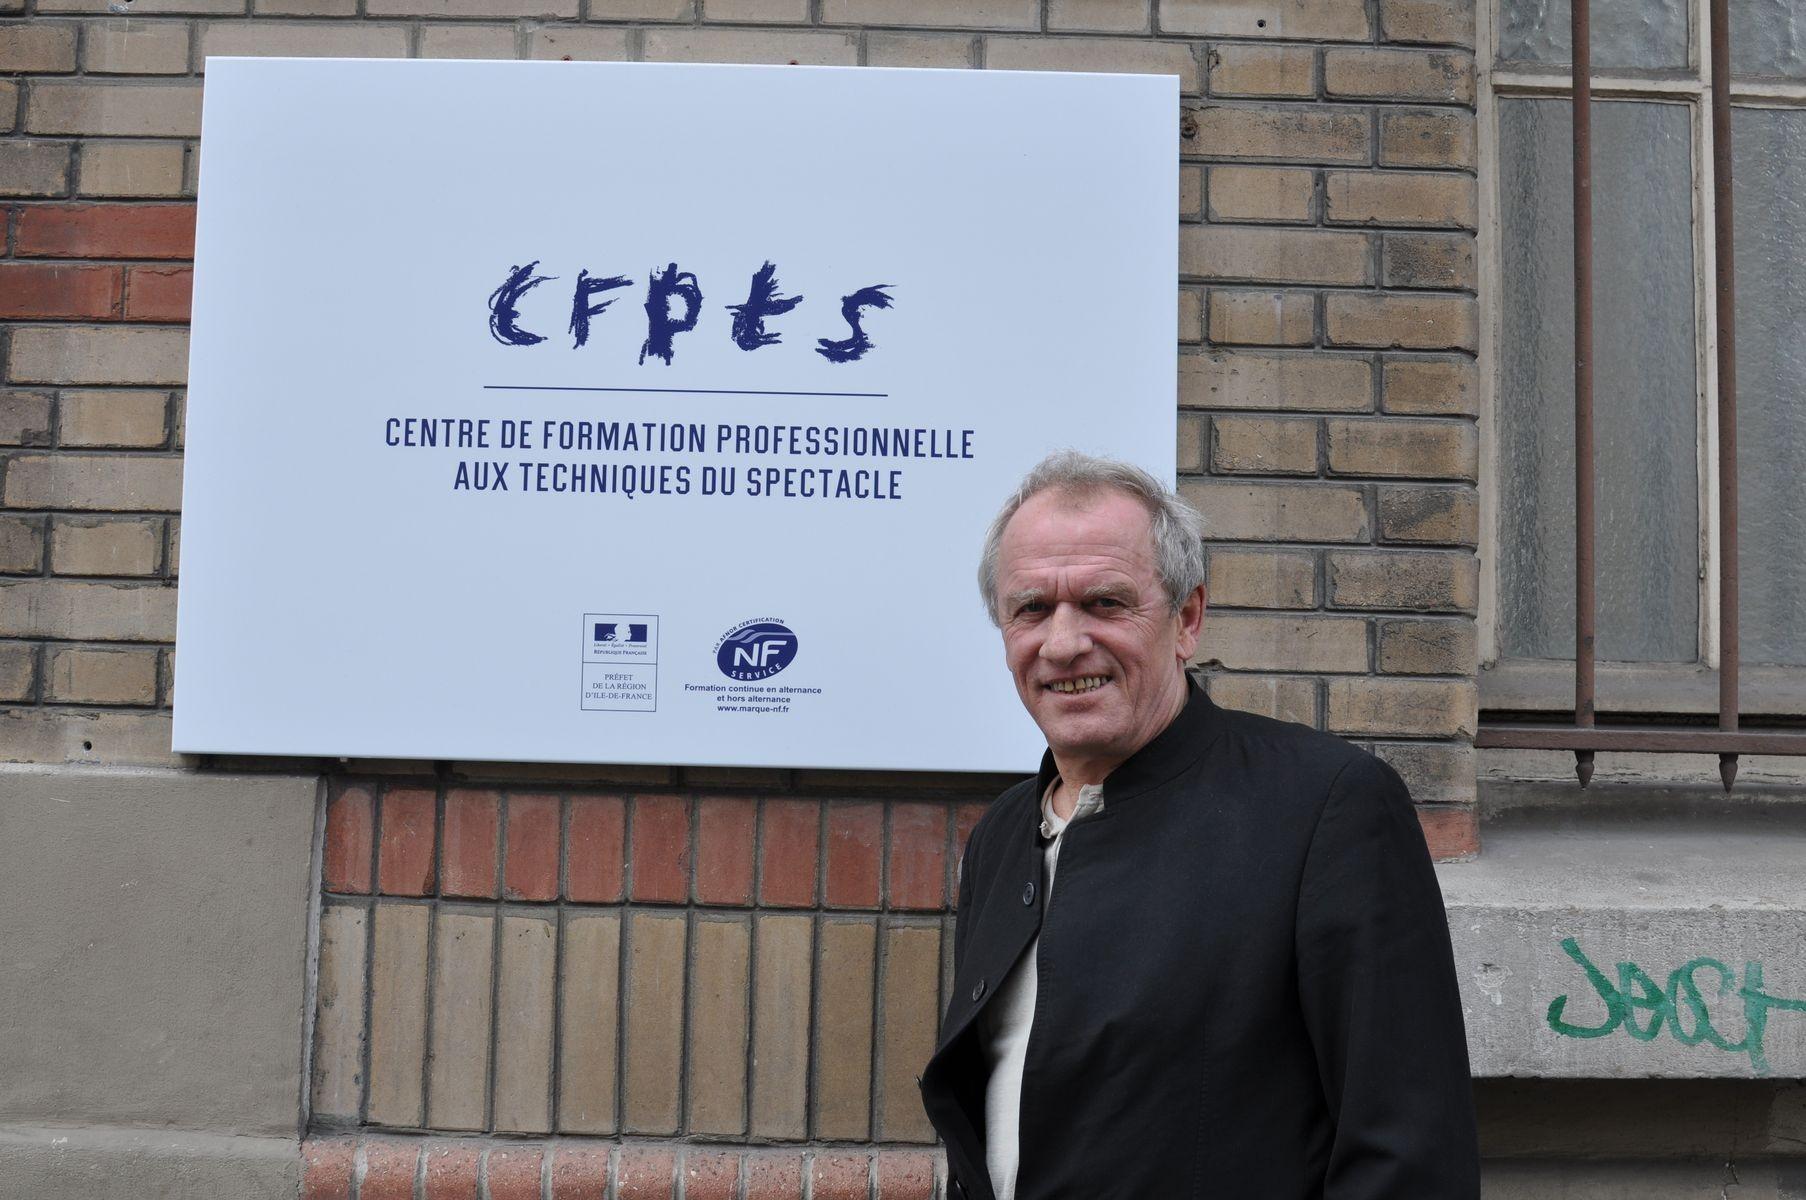 Patrick FERRIER CFPTS